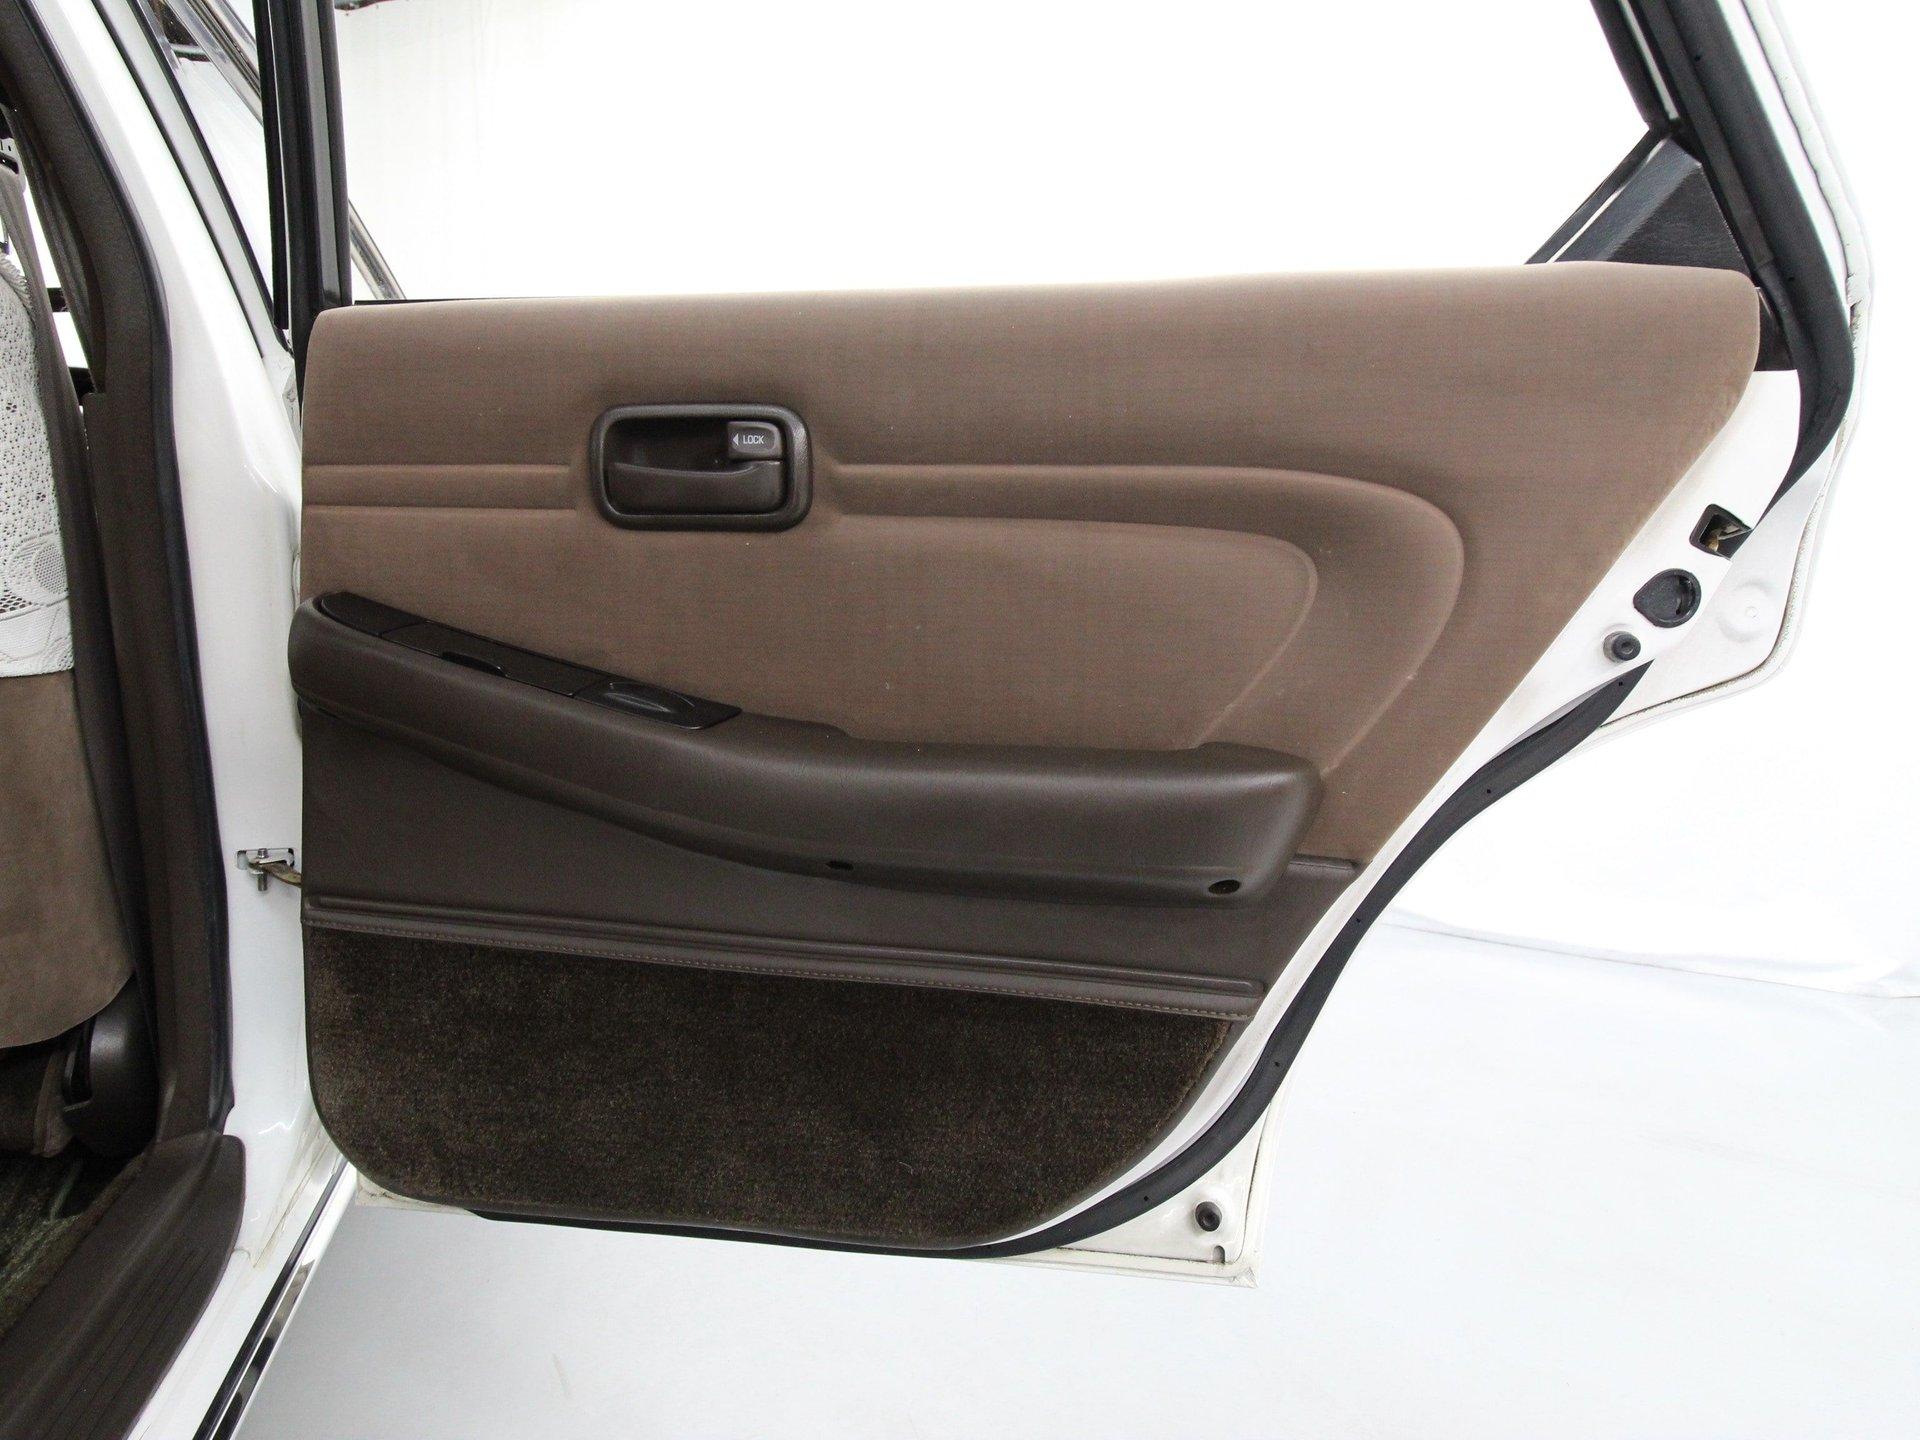 1990 Toyota Cresta